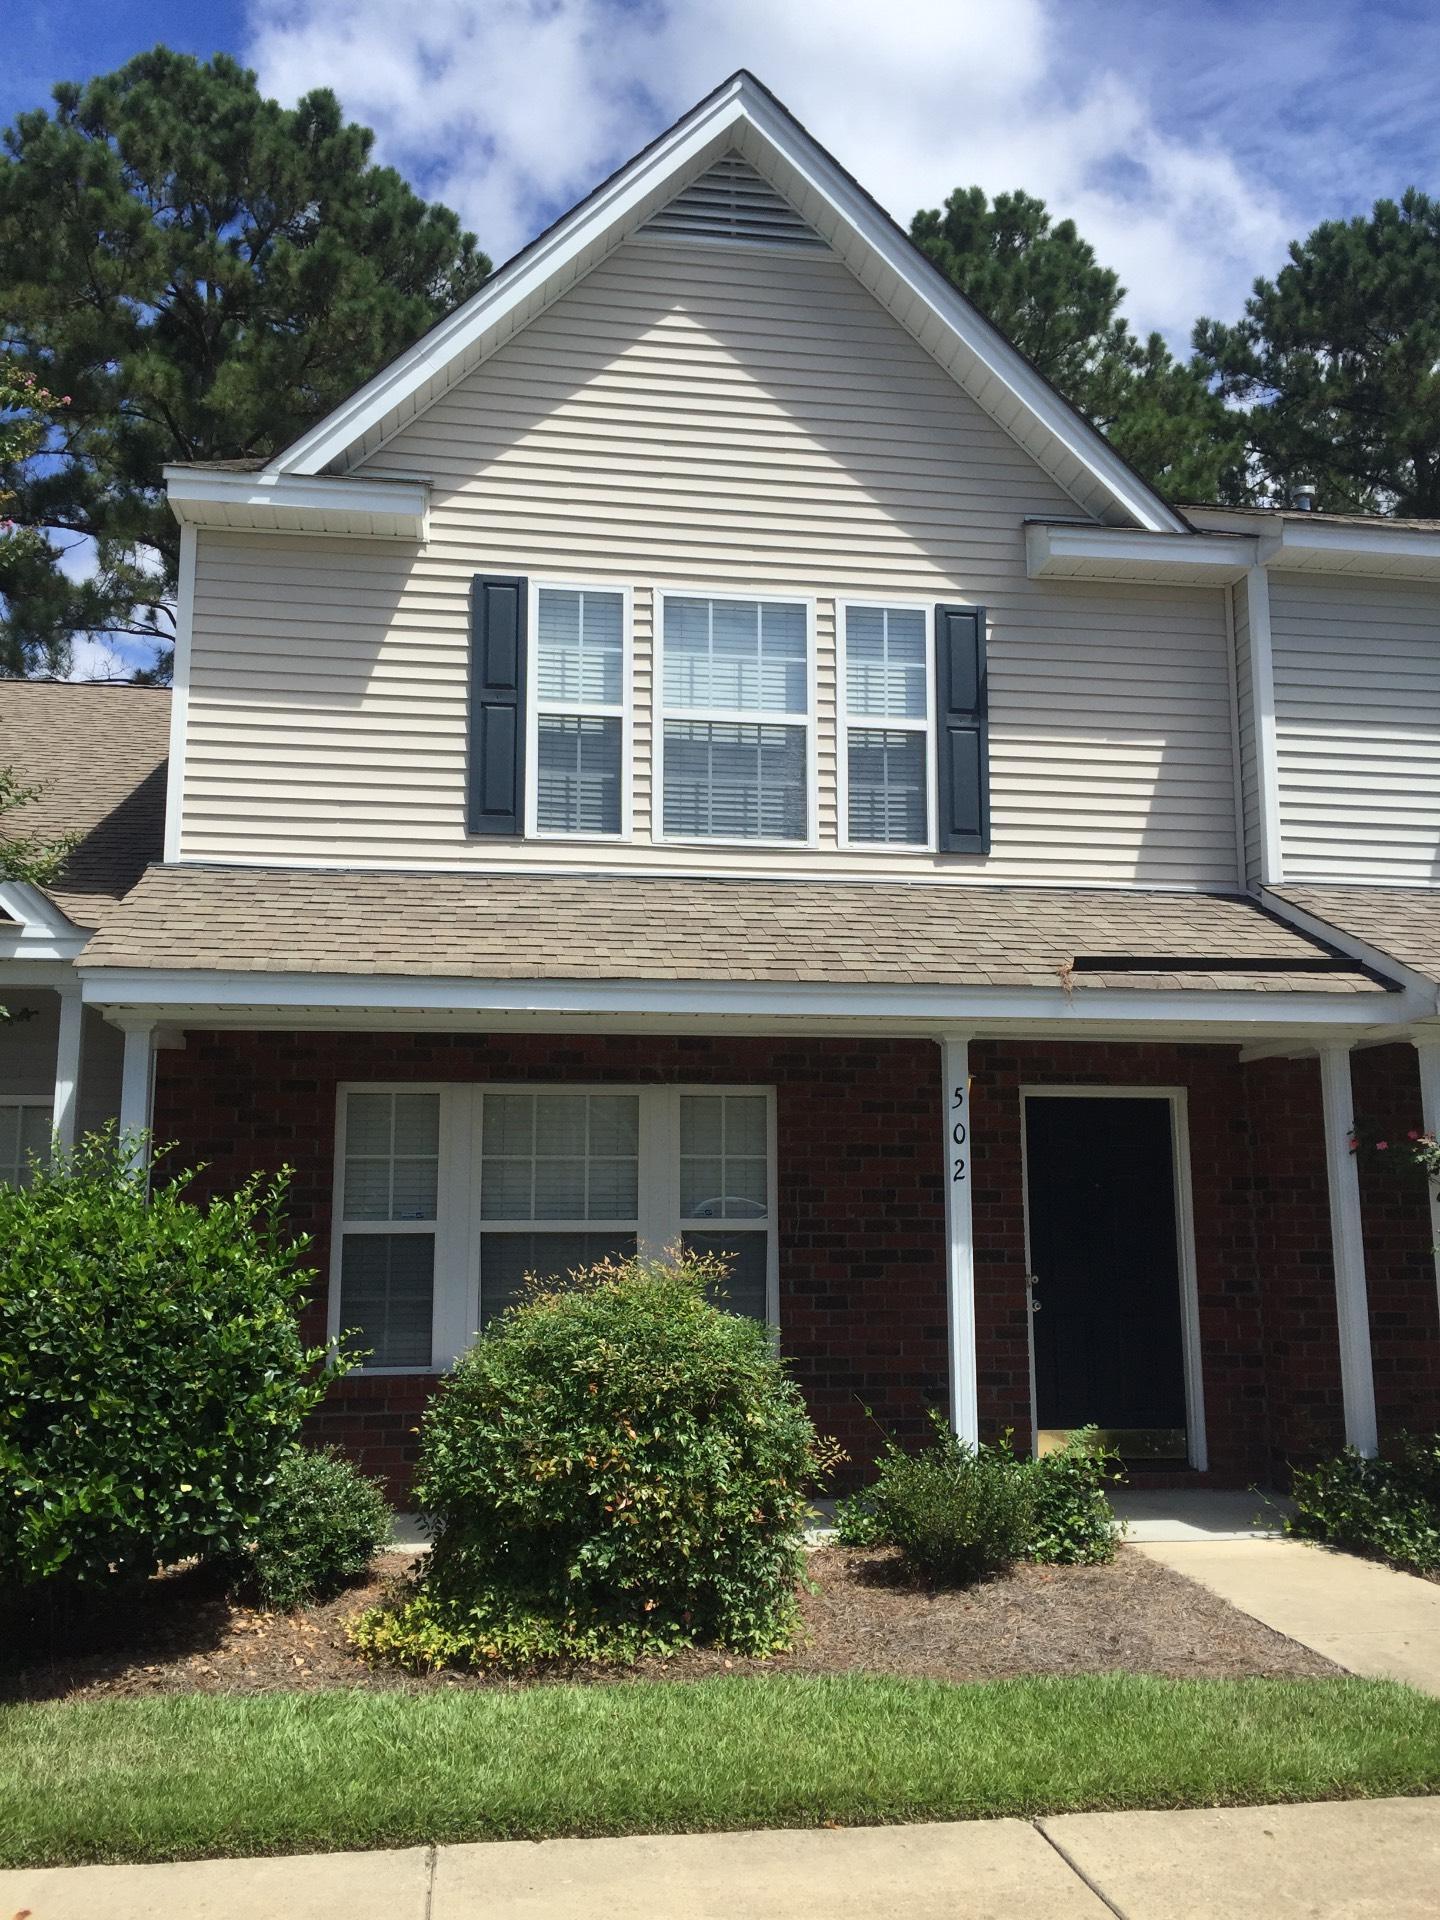 502 Pond Pine Trail Summerville, SC 29483